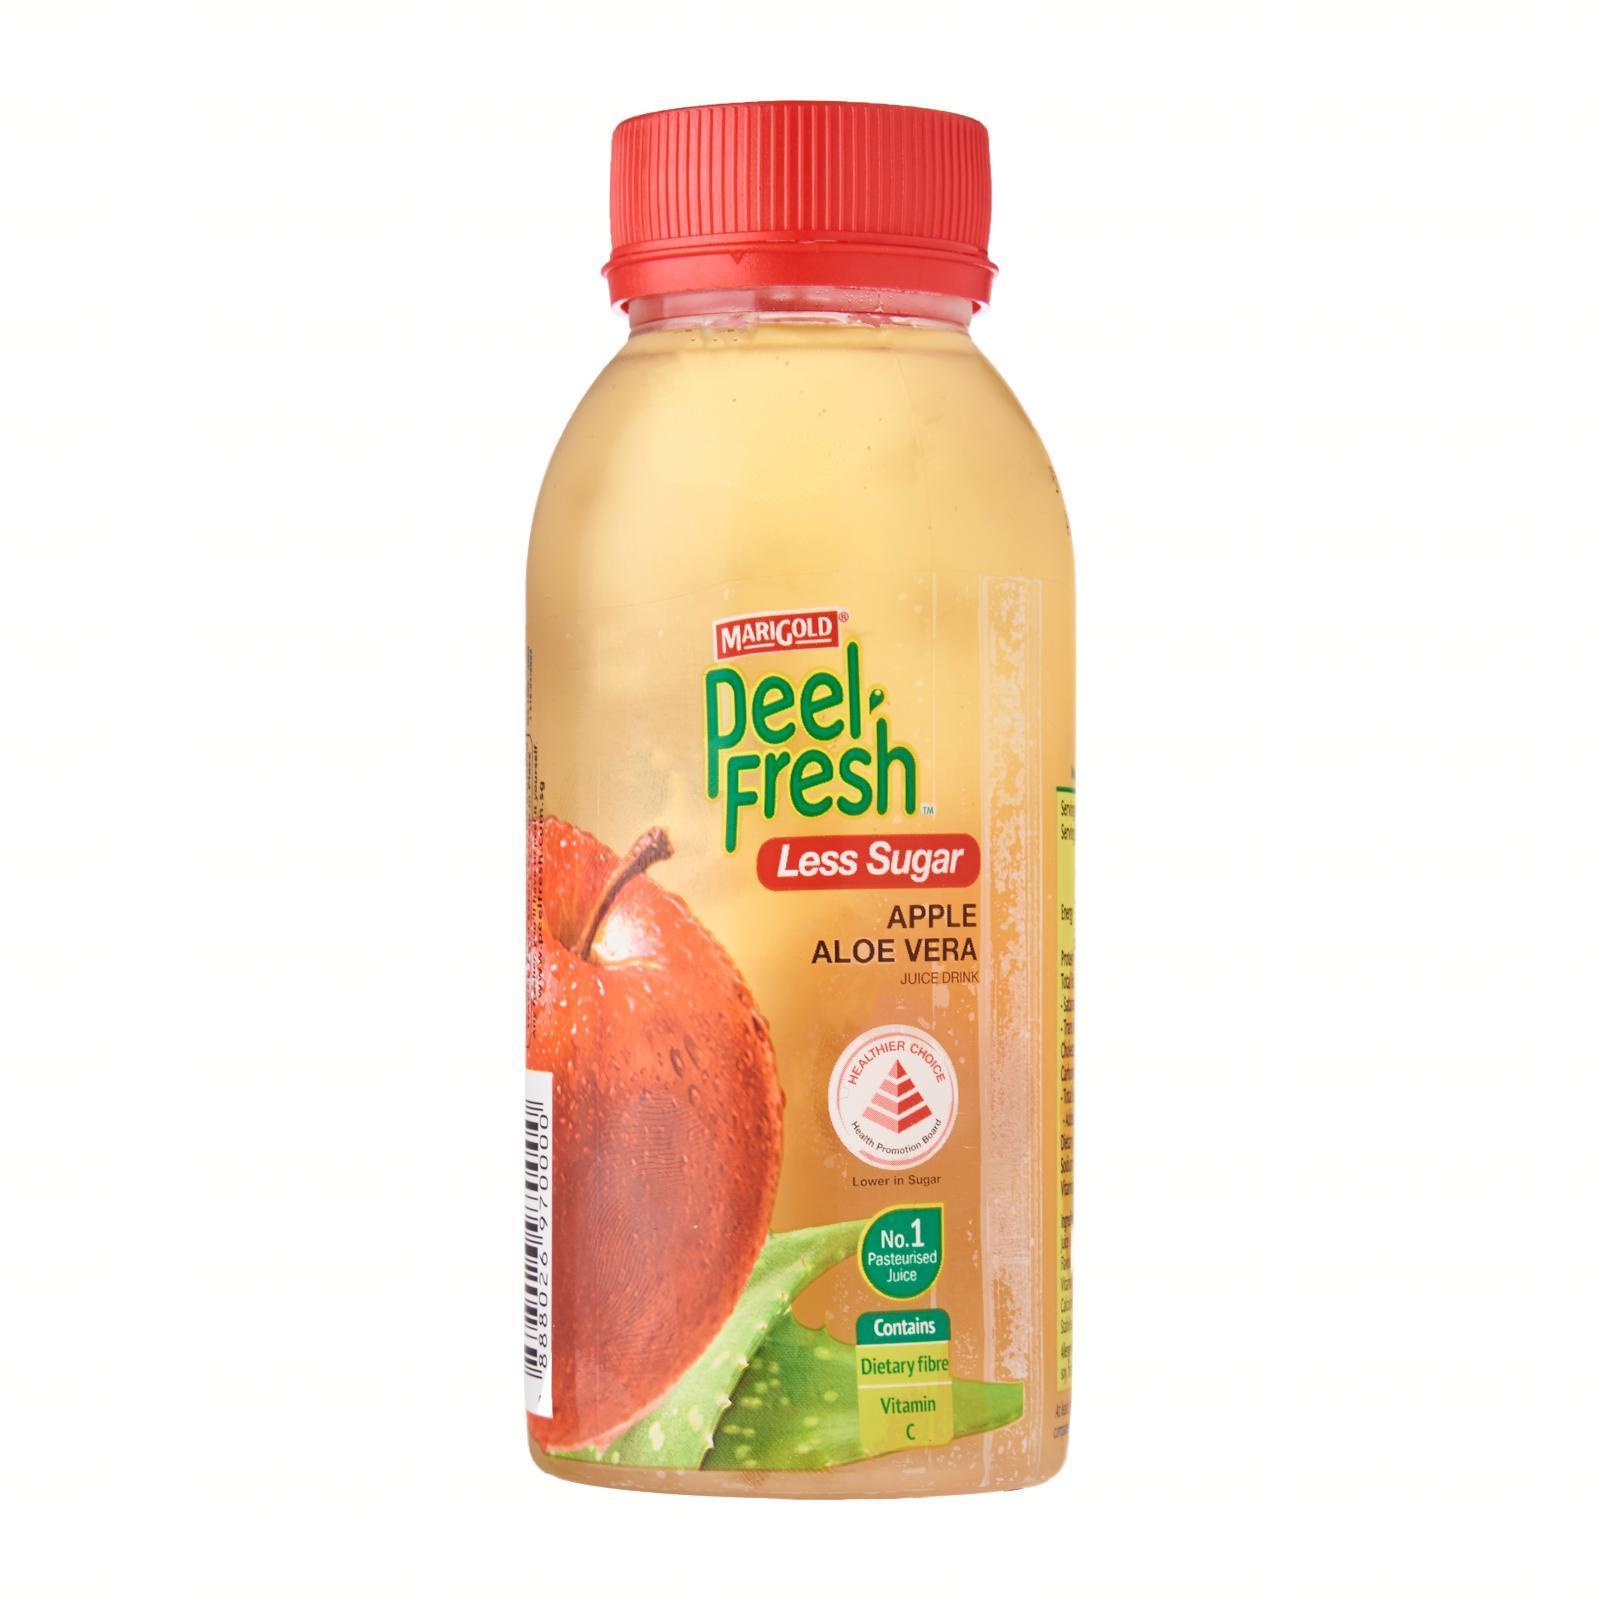 MARIGOLD PEEL FRESH Apple Aloe Vera Juice Drink - Less Sugar 250ml